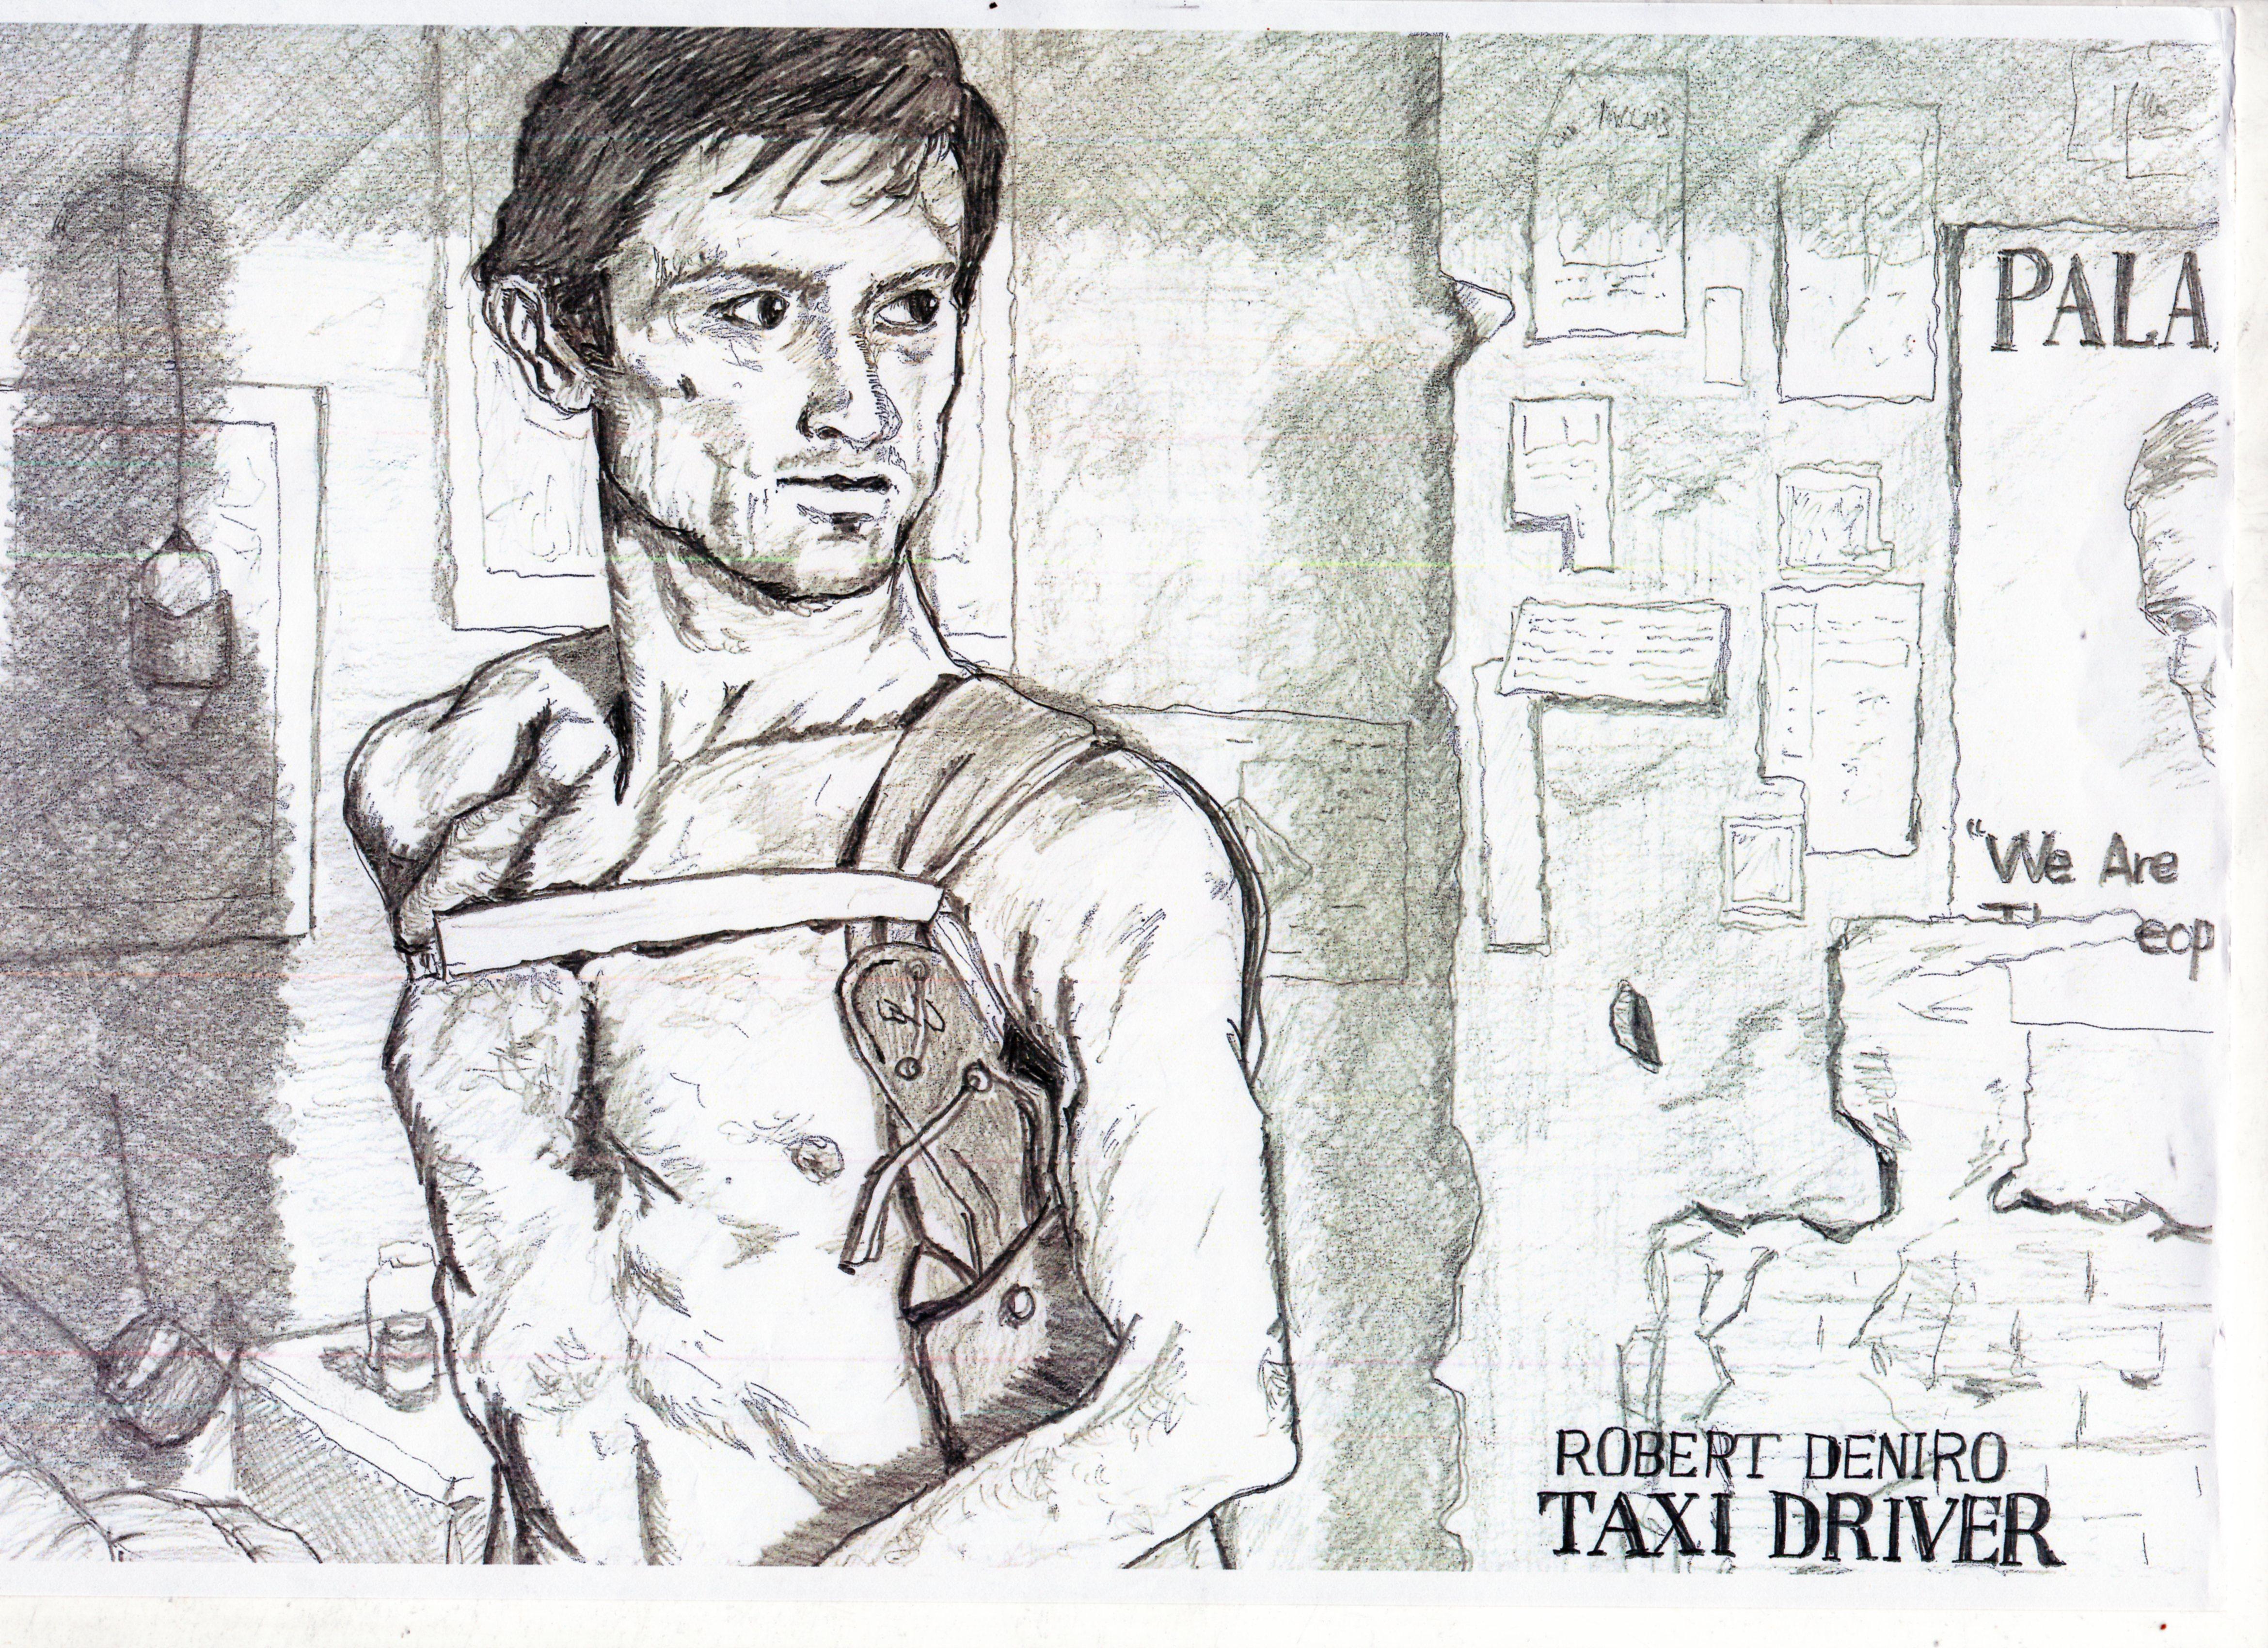 タクシードライバー』 ロバート・デニーロ鉛筆画似顔絵